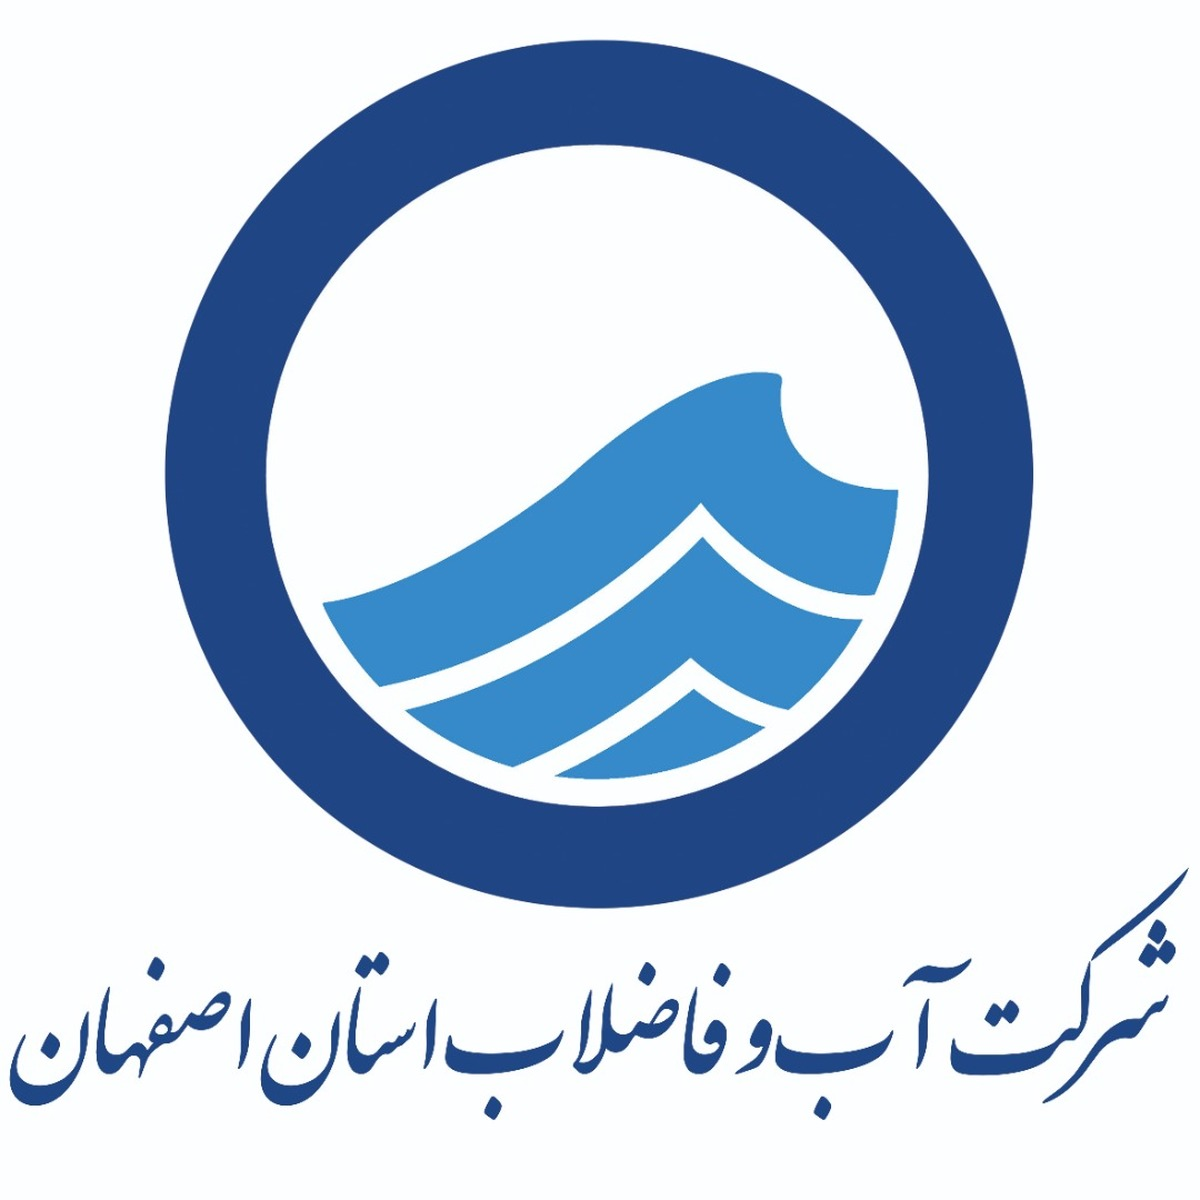 تاریخ آب و فاضلاب شهر اصفهان، داستان خود شهر است